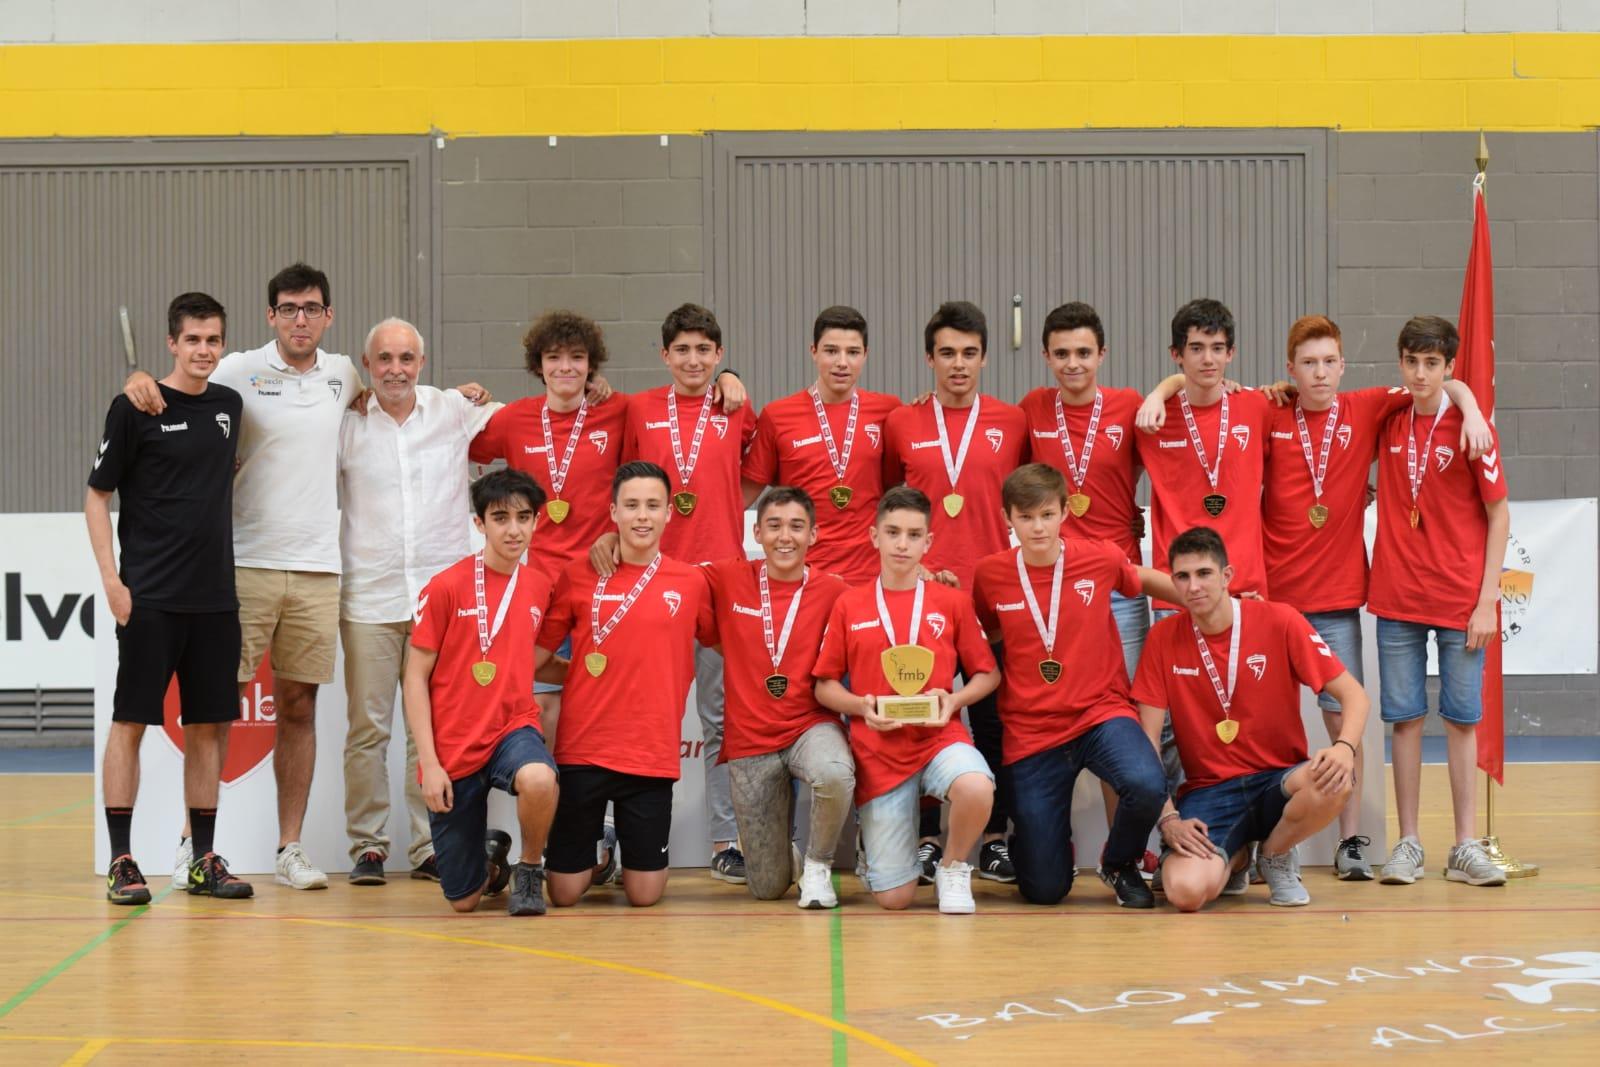 Campeones Alevines de Madrid 2019